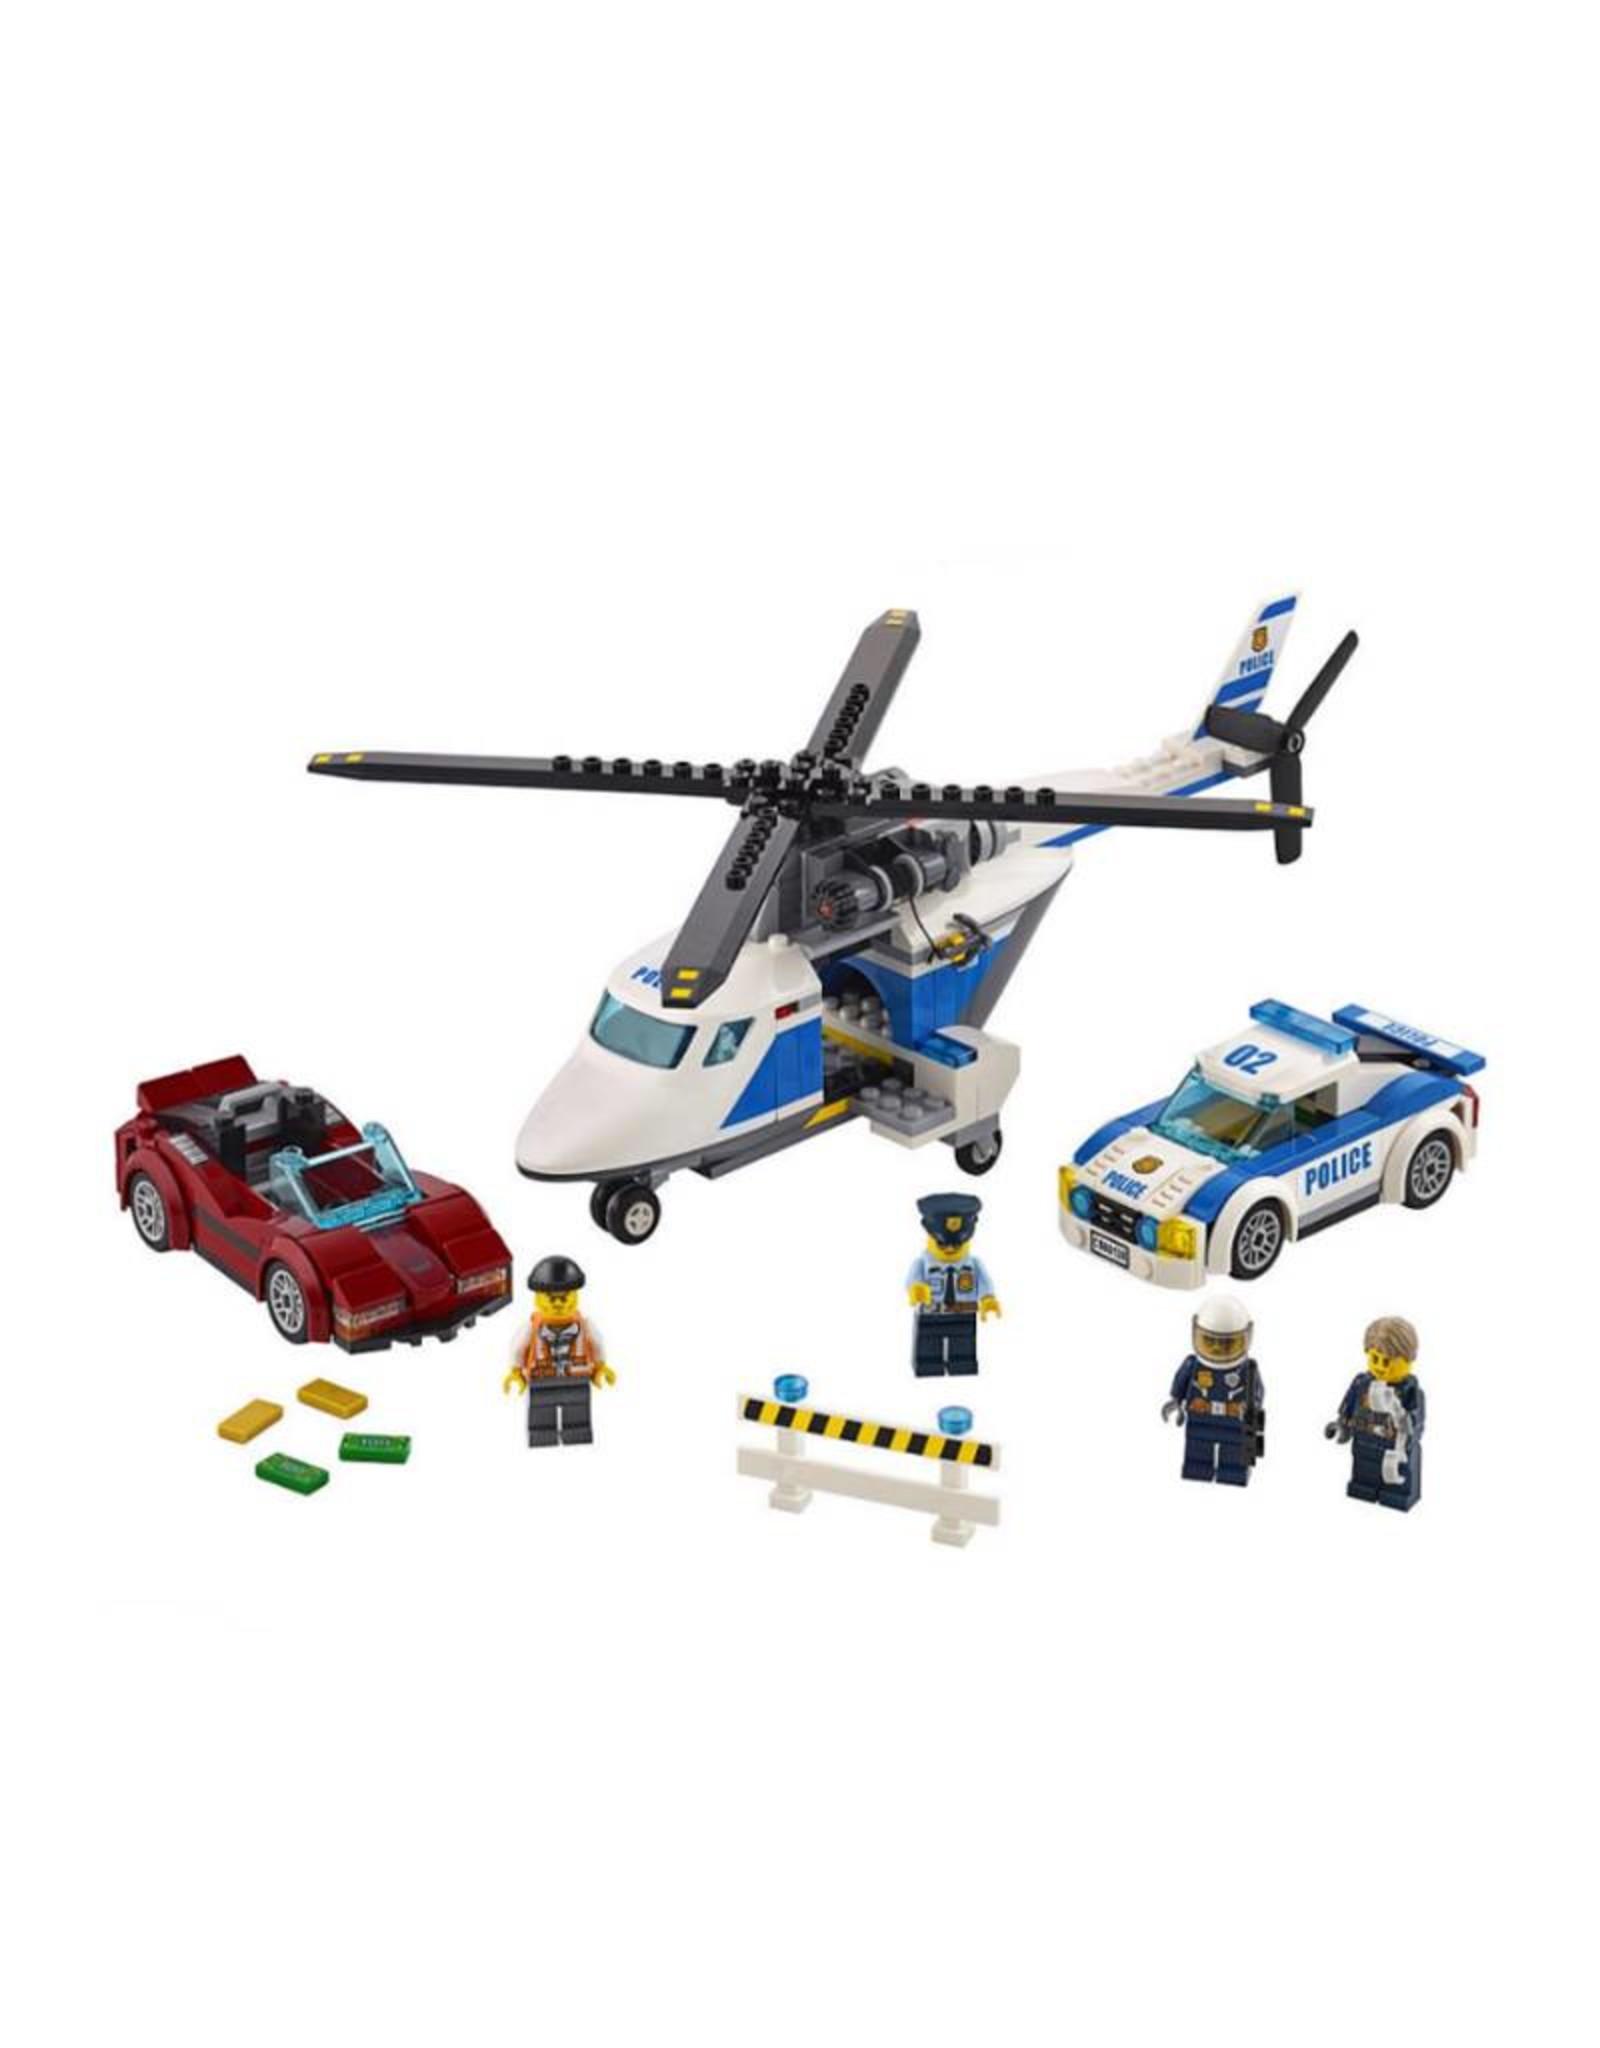 LEGO LEGO 60138 High-speed Chase CITY